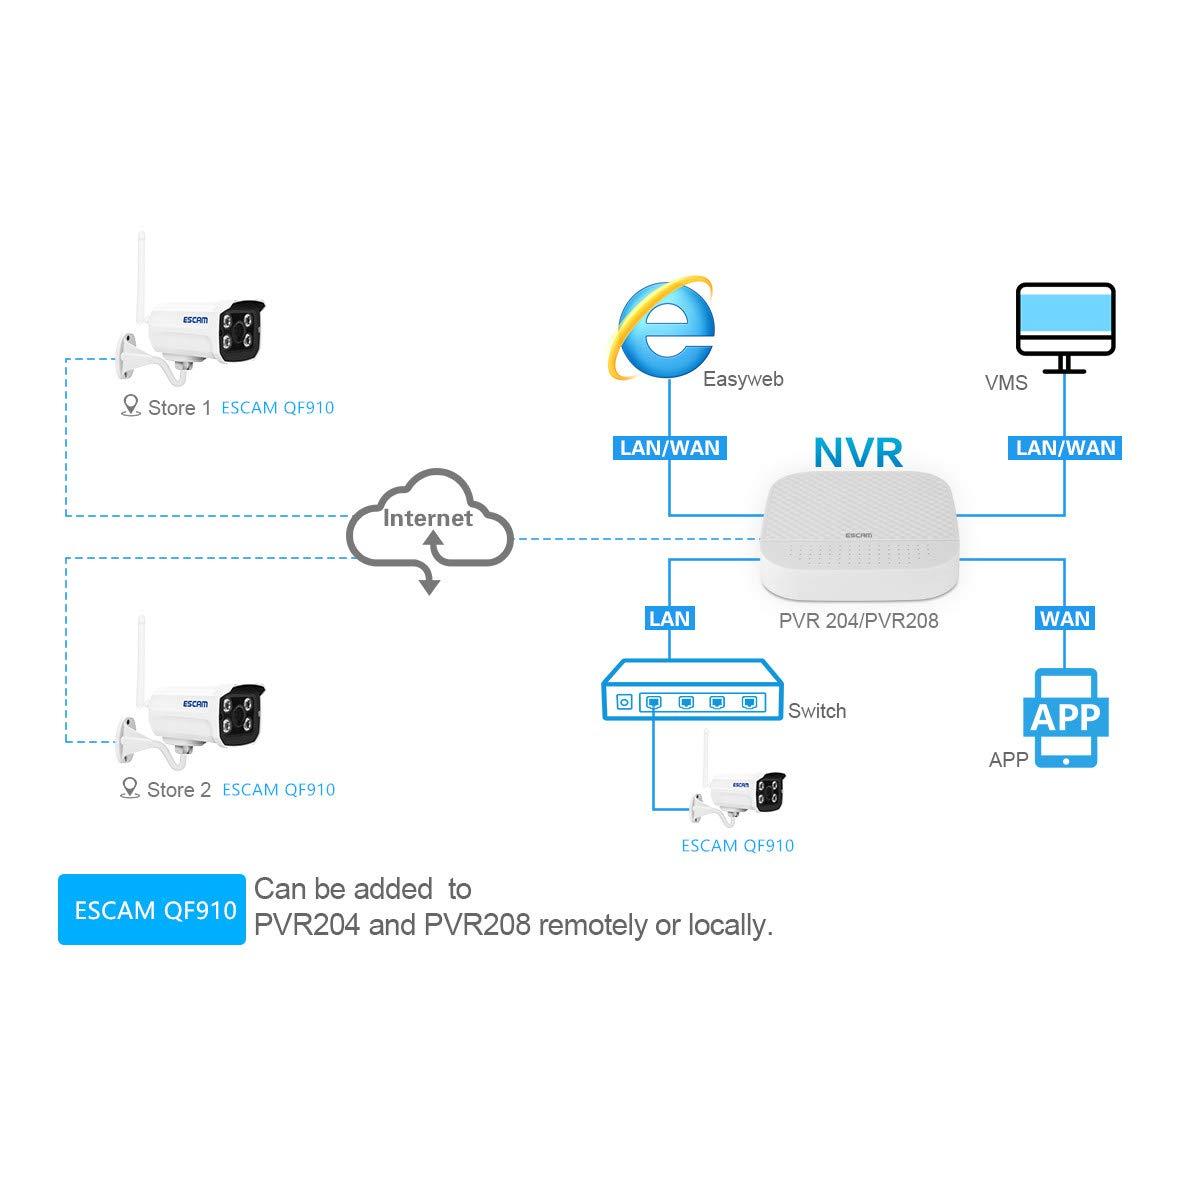 Visi/ón Nocturna C/ámara IP Seguridad WIFI Exterior ESCAM QF910 H.265 y Ethernet Vigilancia Inal/ámbrica contra Intemperie para Sistema de Seguridad Casa Acceso Remoto Ranura Tarjeta SD 128G 1080P HD